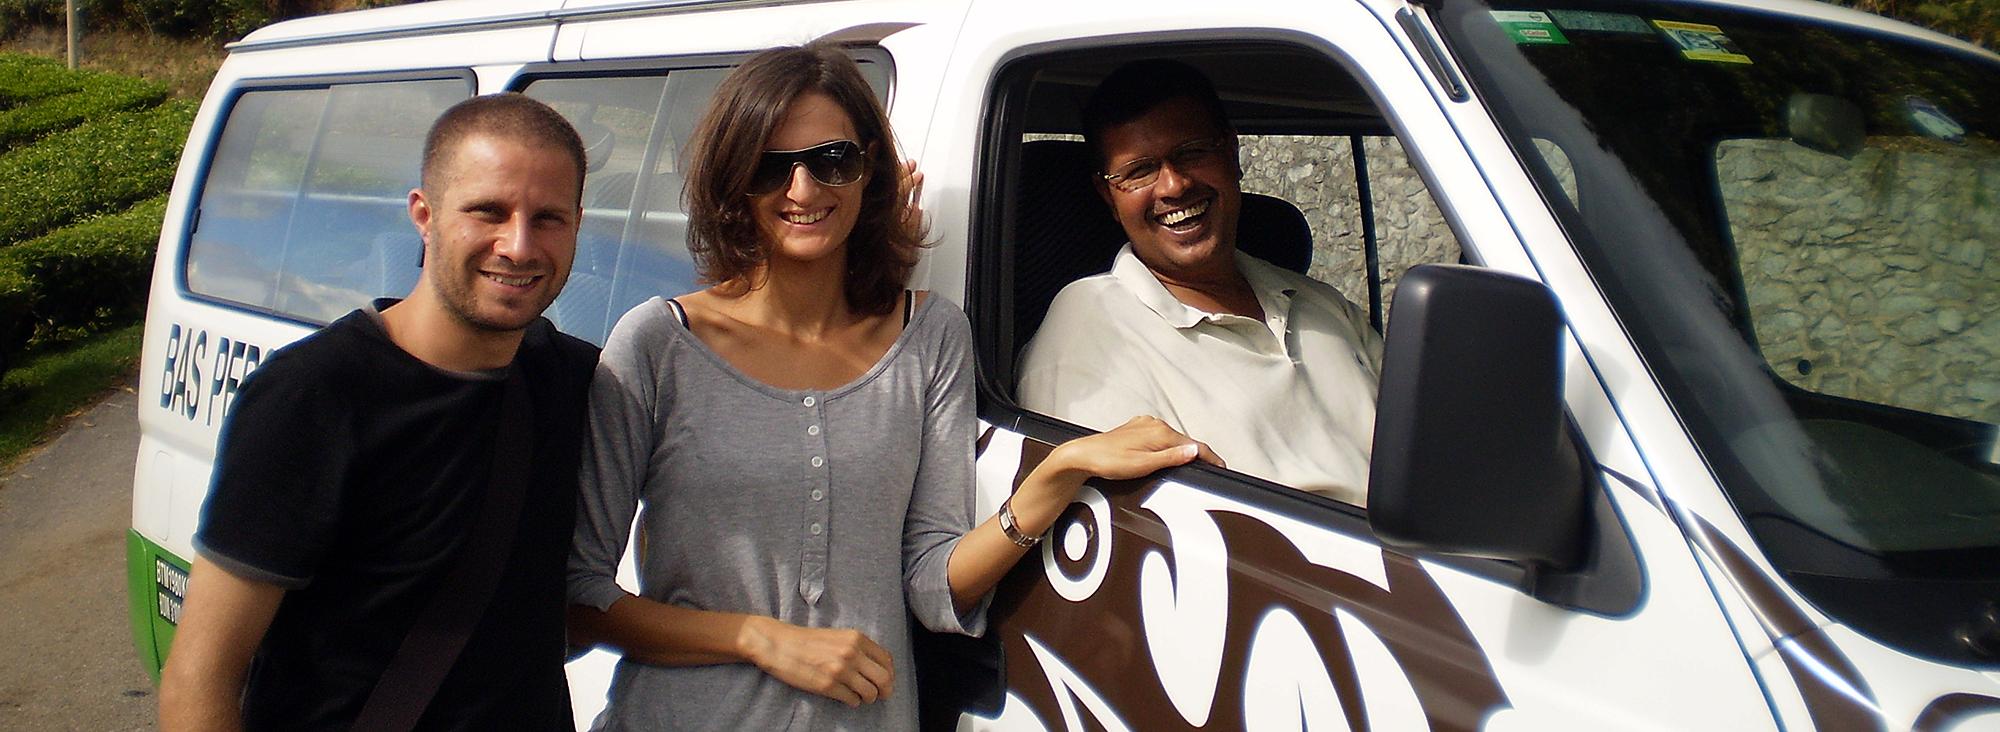 Viaggia con Orangutravel nella Terra di Sandokan